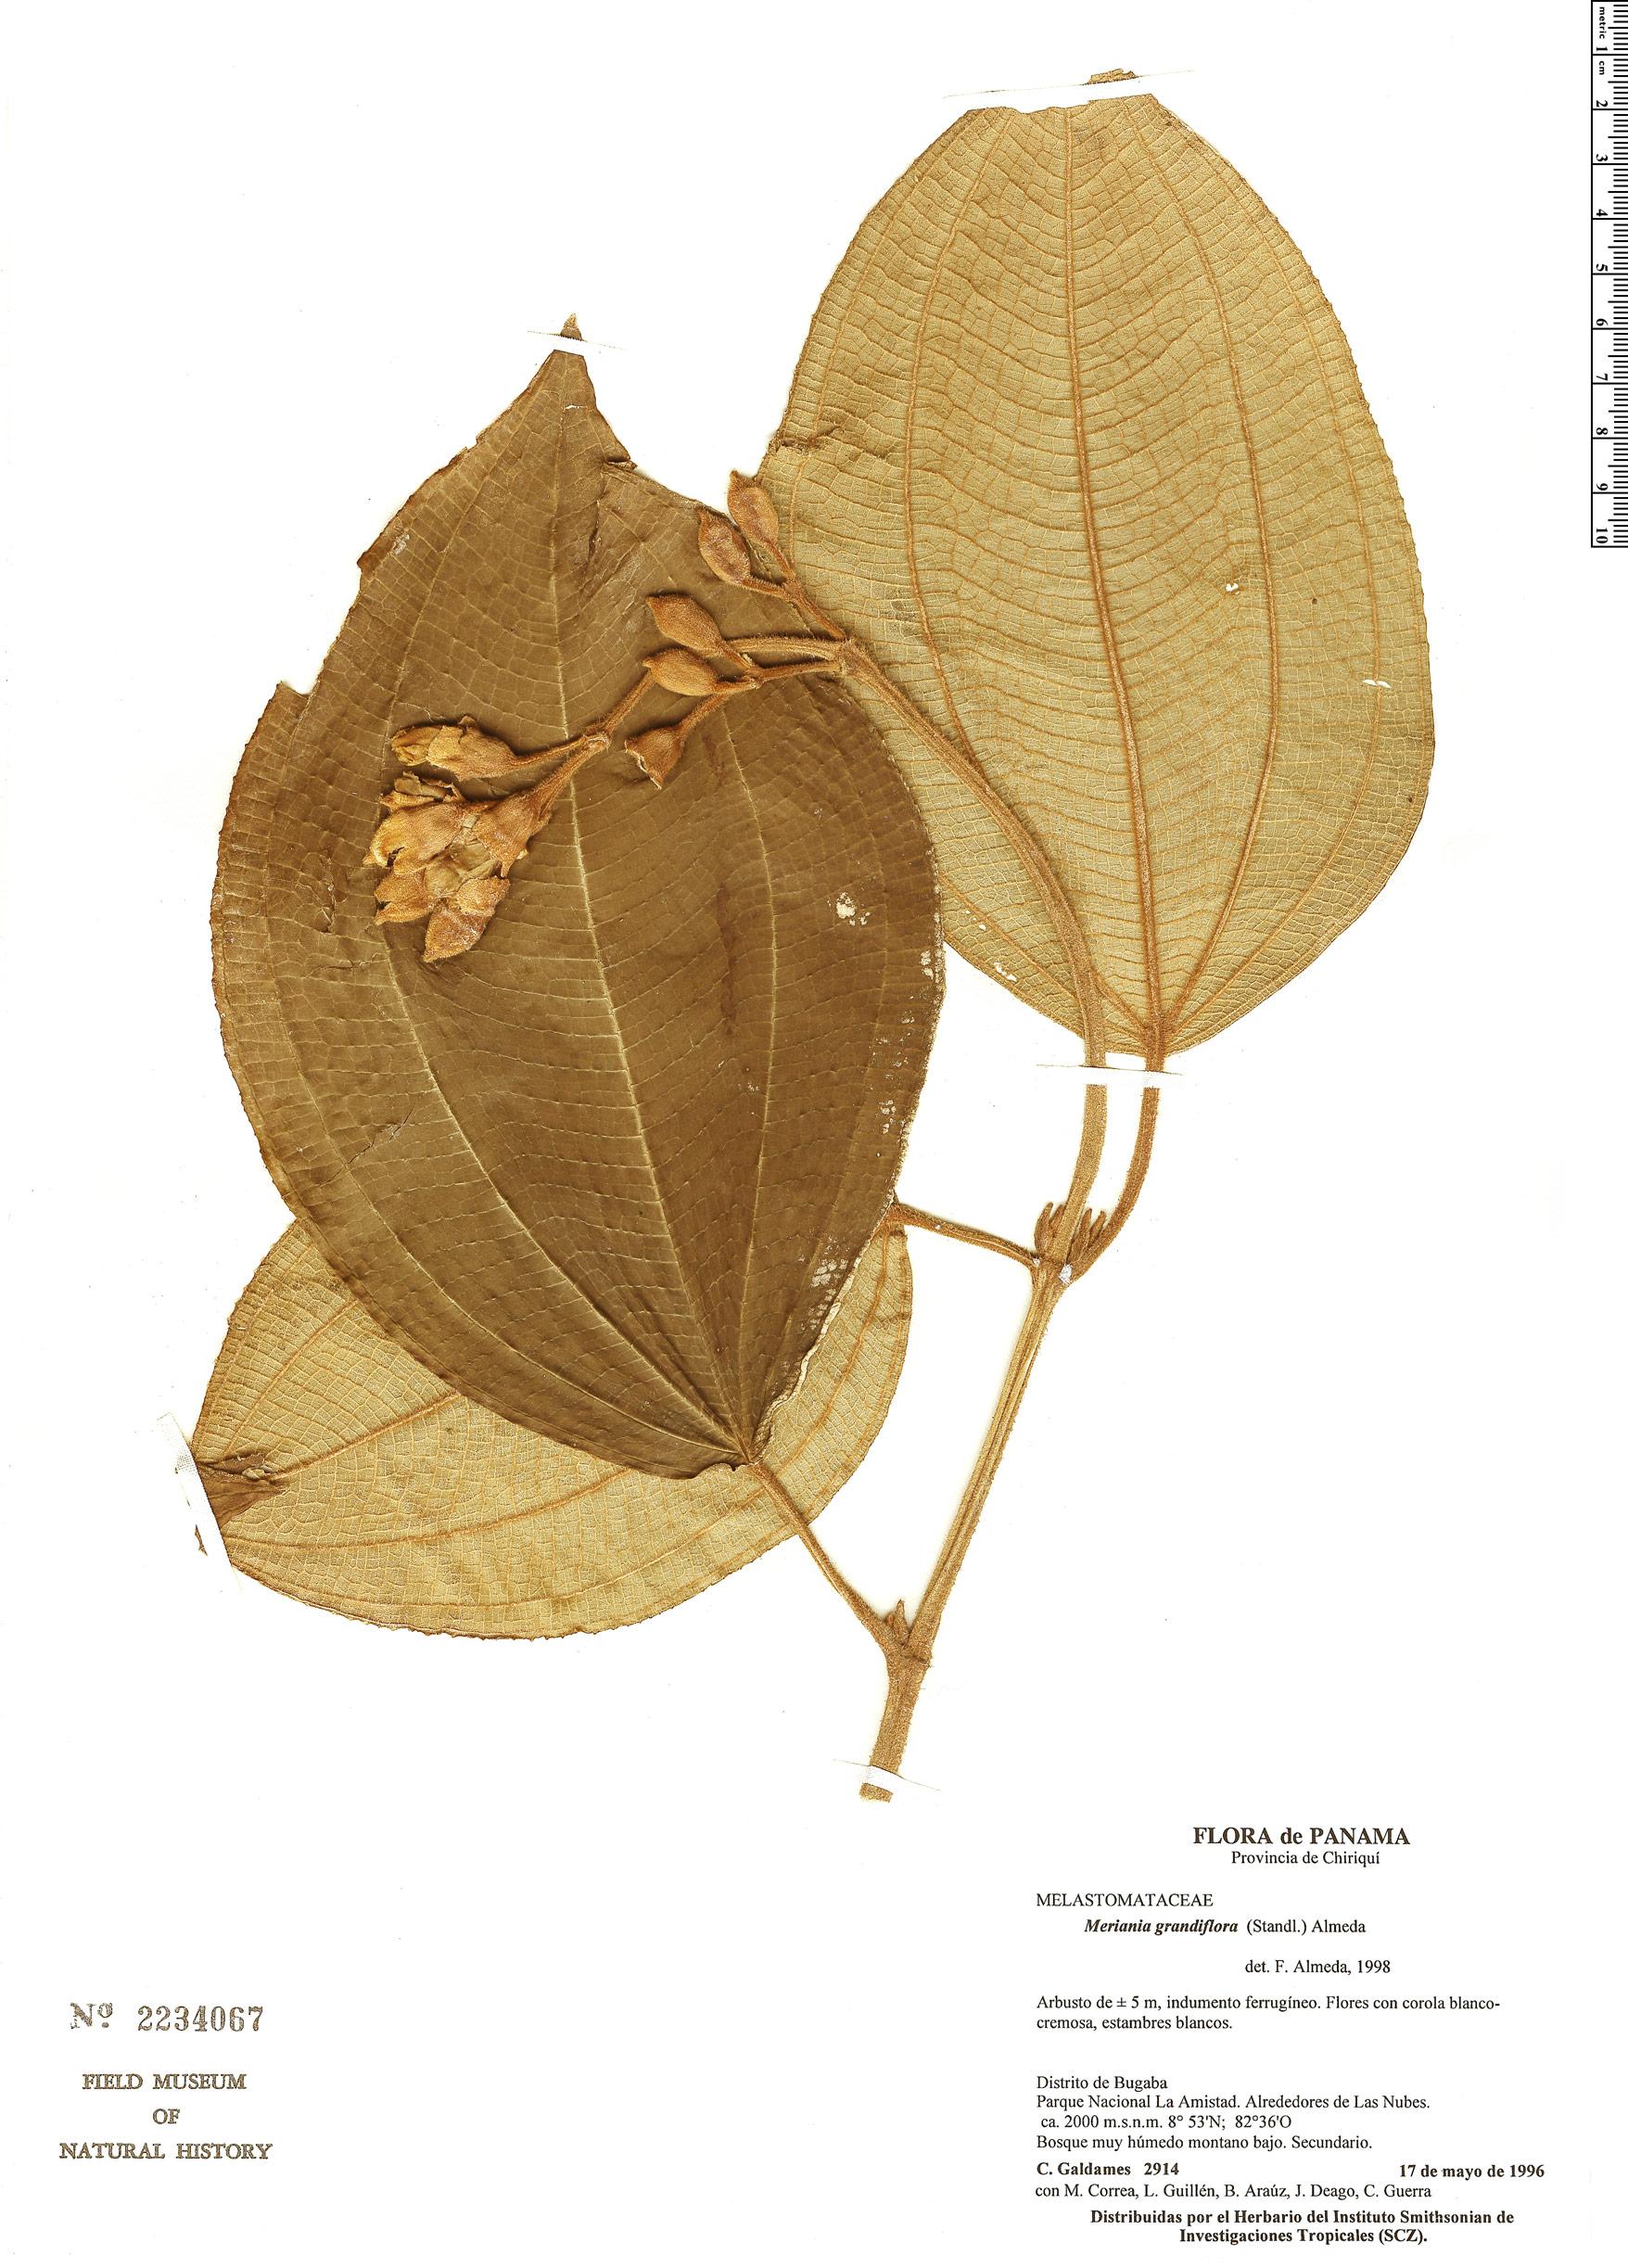 Espécime: Meriania grandiflora